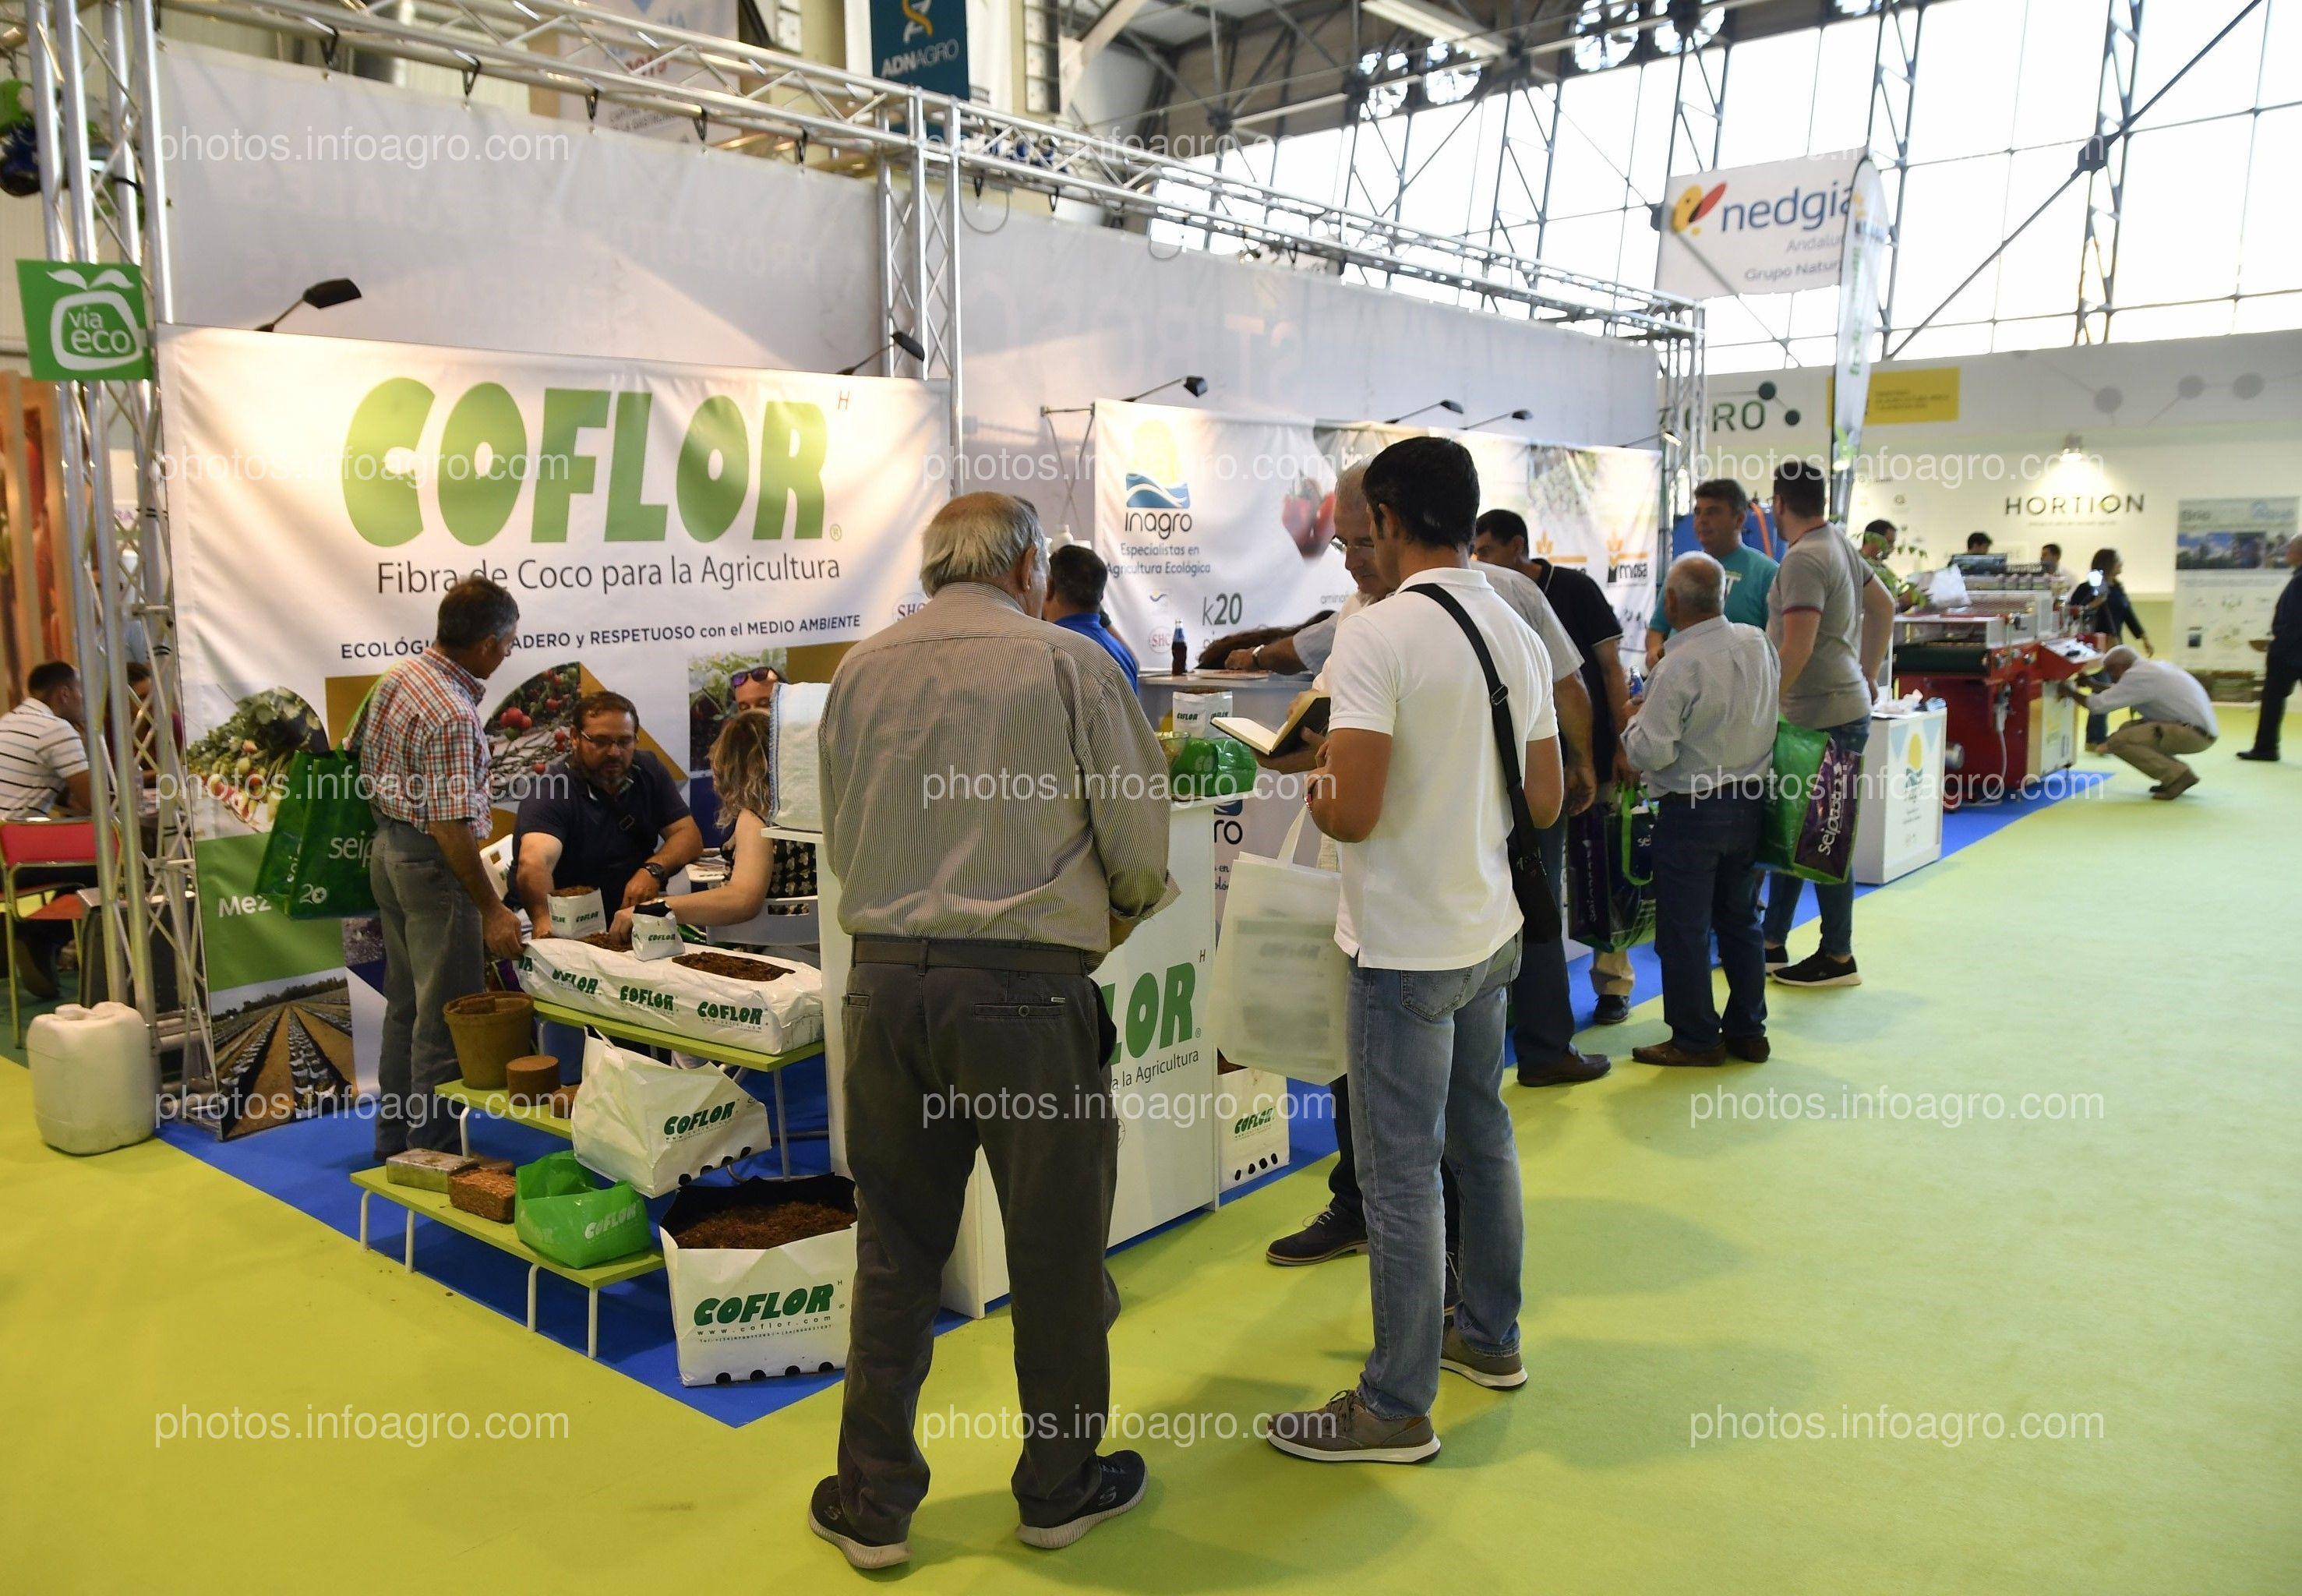 Hidroponía del Coco, Inagro y Mosa green - Stand Infoagro Exhibition